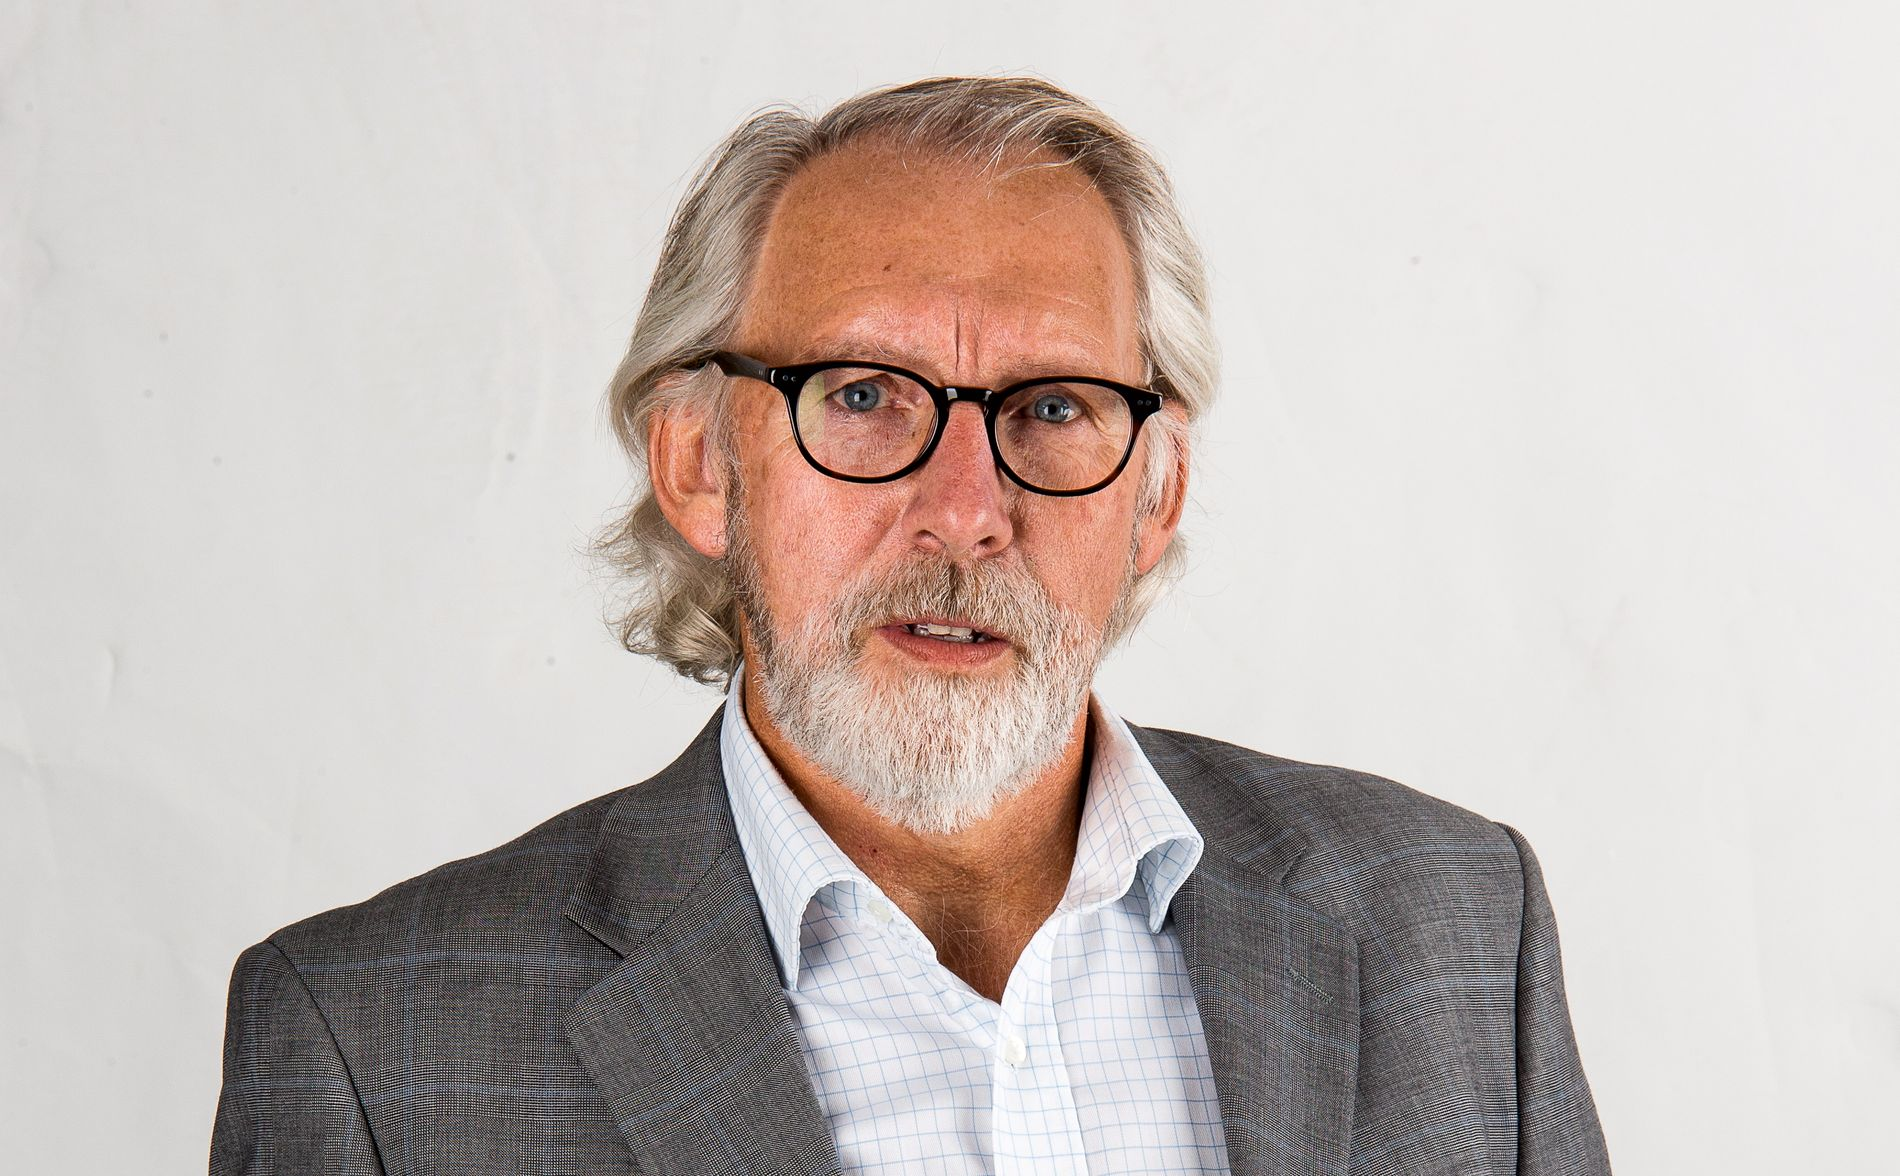 BØR FORLATE: Ifølge Carl-Erik Grimstad (V) bør Listhaug få rendyrke eldreminister-posten, og dermed forlate det arbeidet med forebyggende helsearbeid.